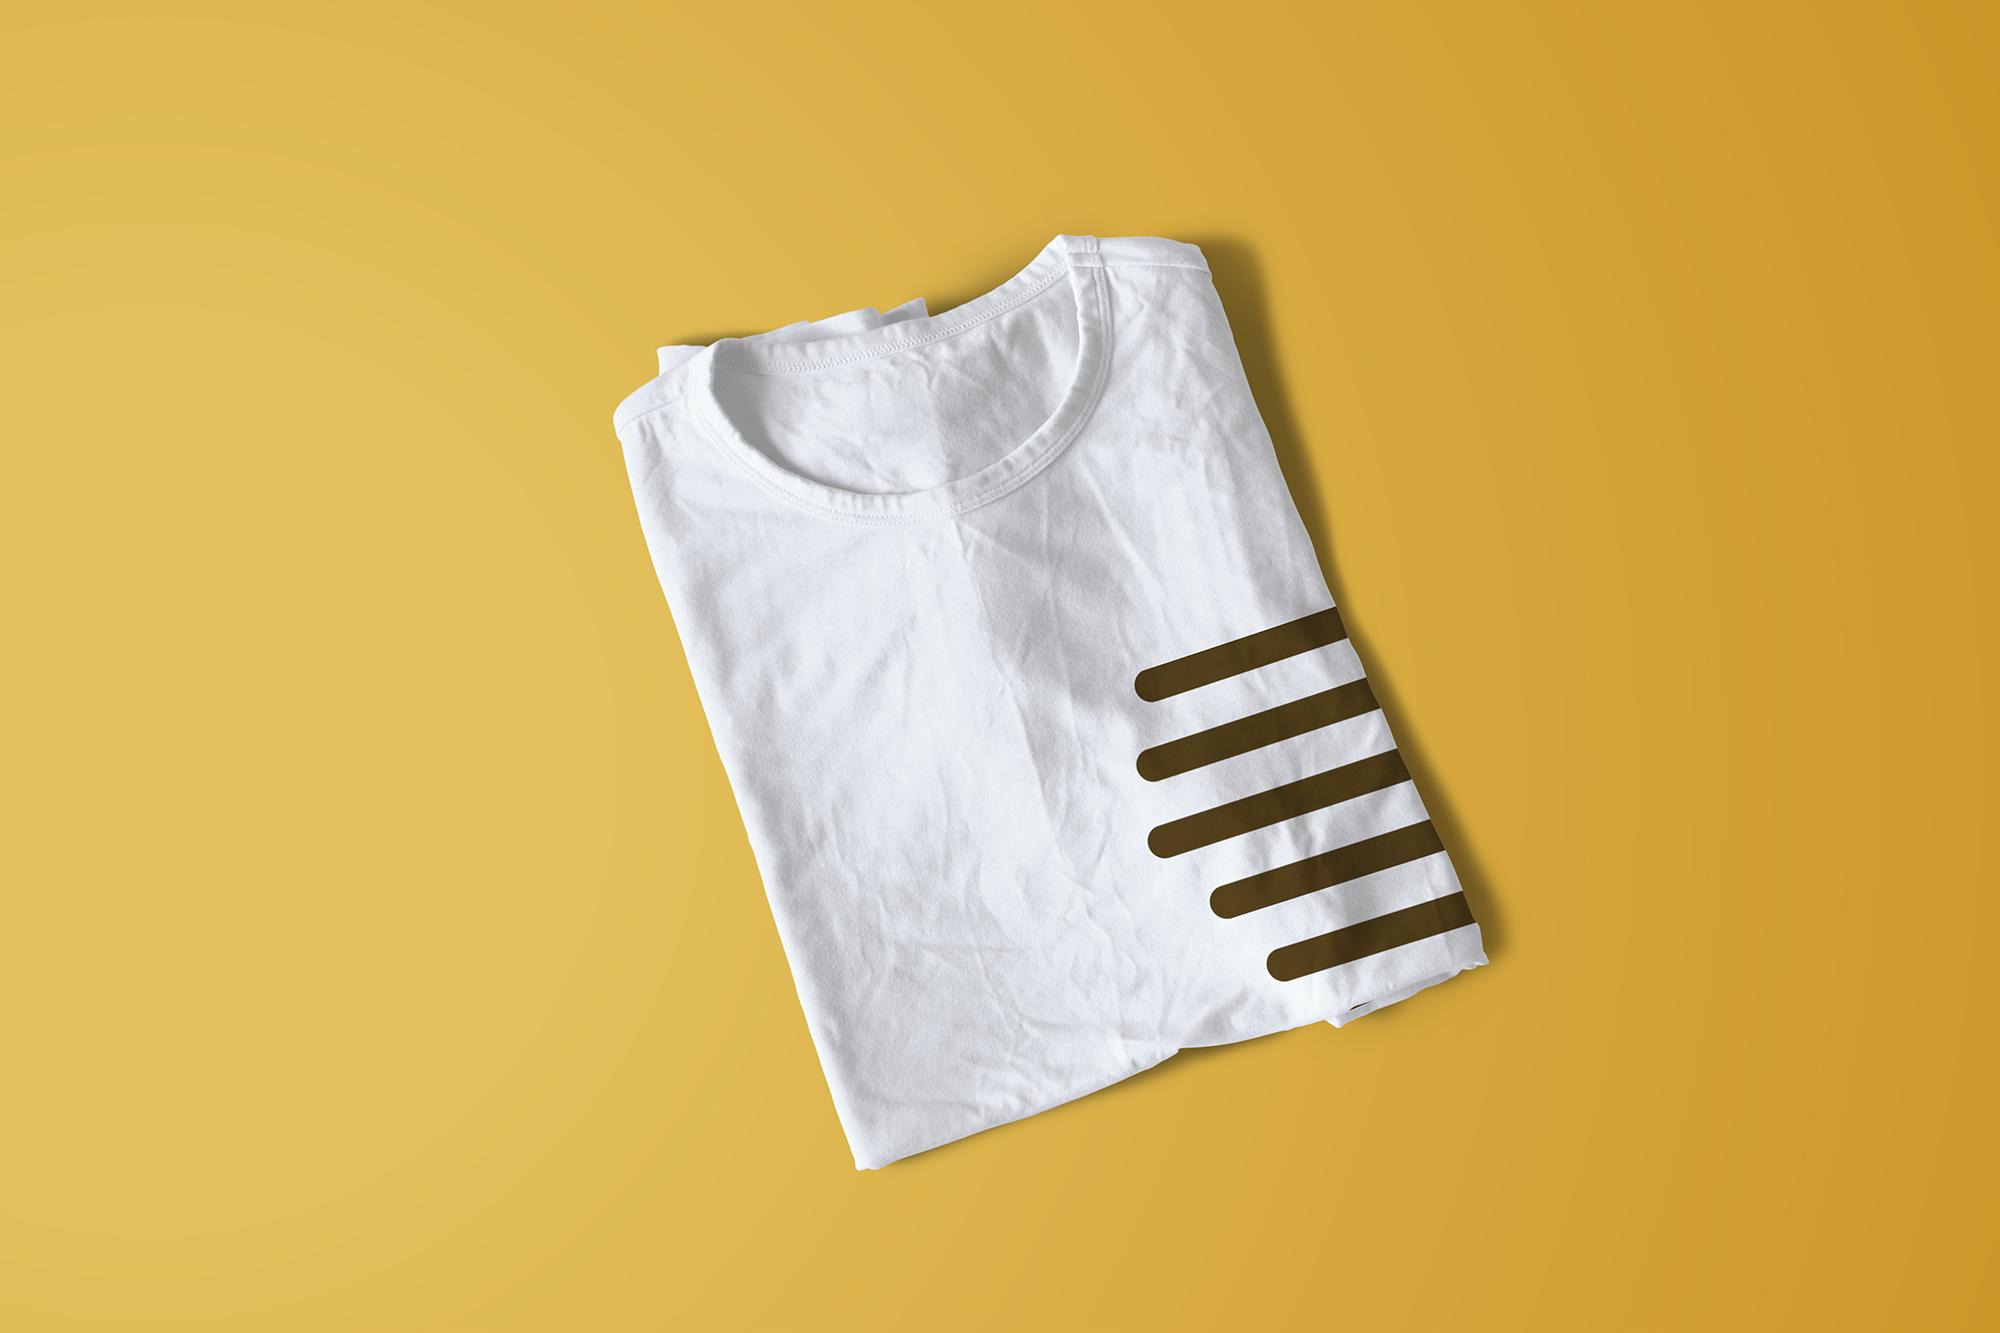 tshirt-mockup-copy